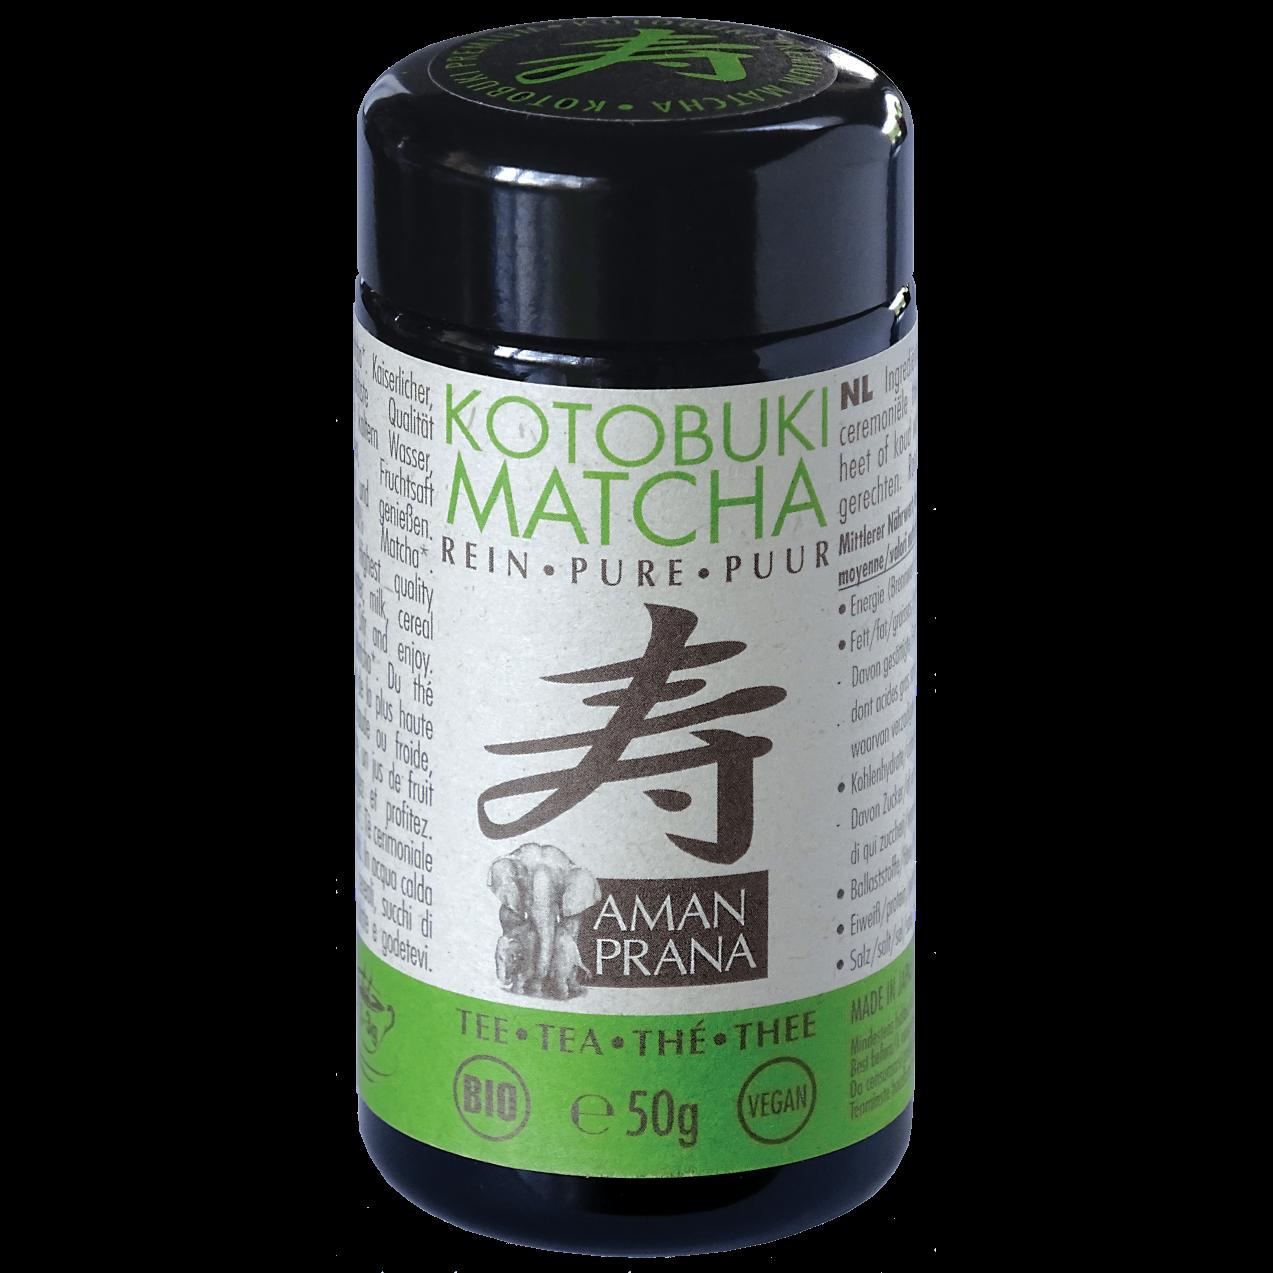 Donker glazen verpakking van de Kotobuki Matcha van Amanprana